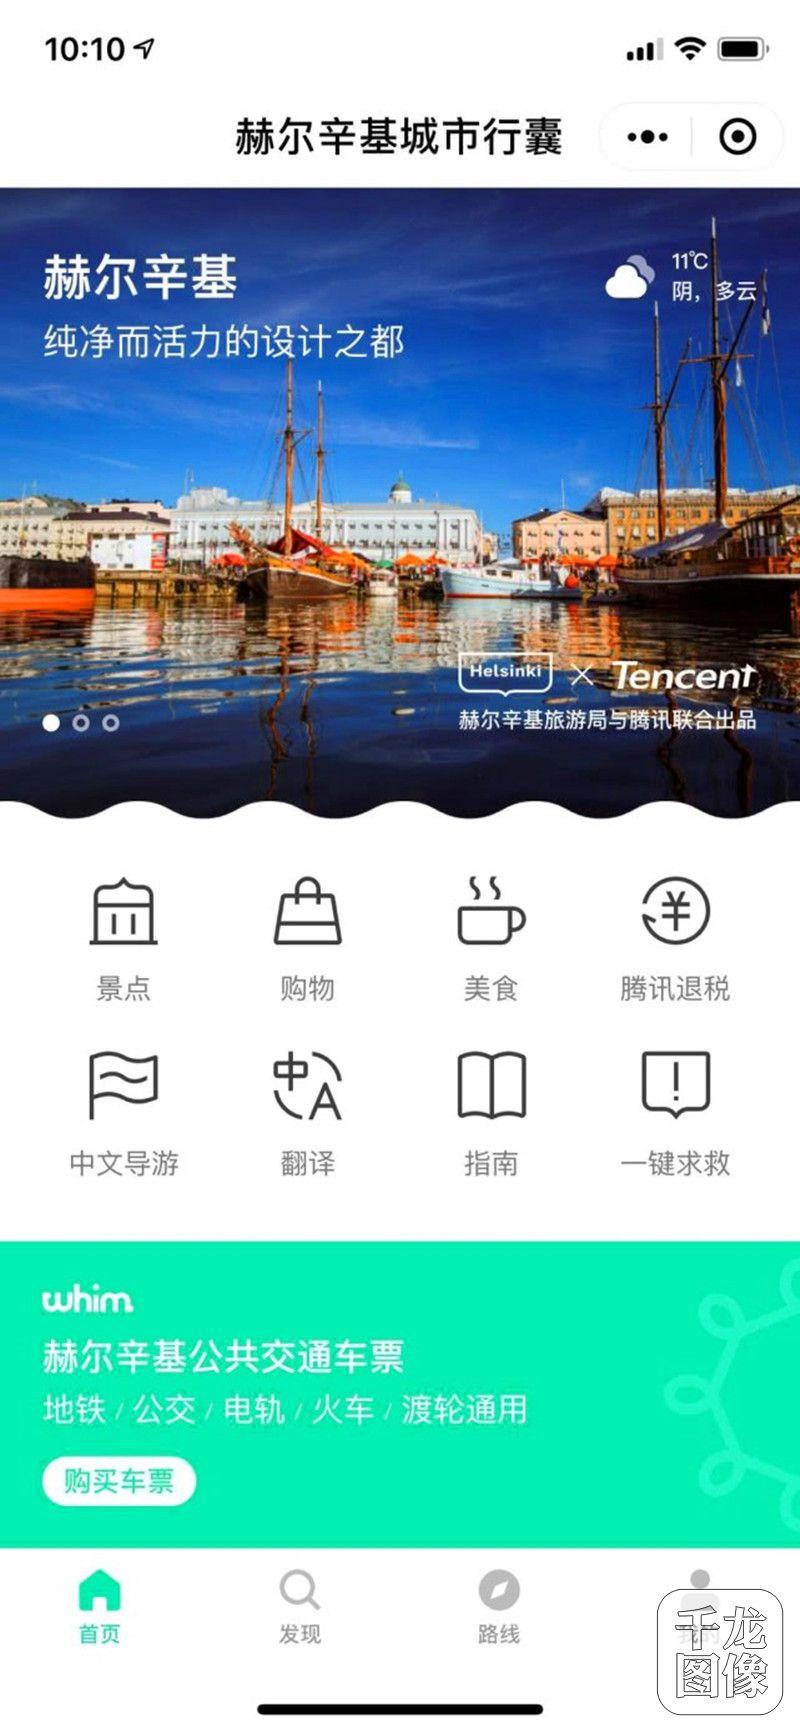 """芬蘭推""""城市行囊""""微信小程序方便中國游客"""